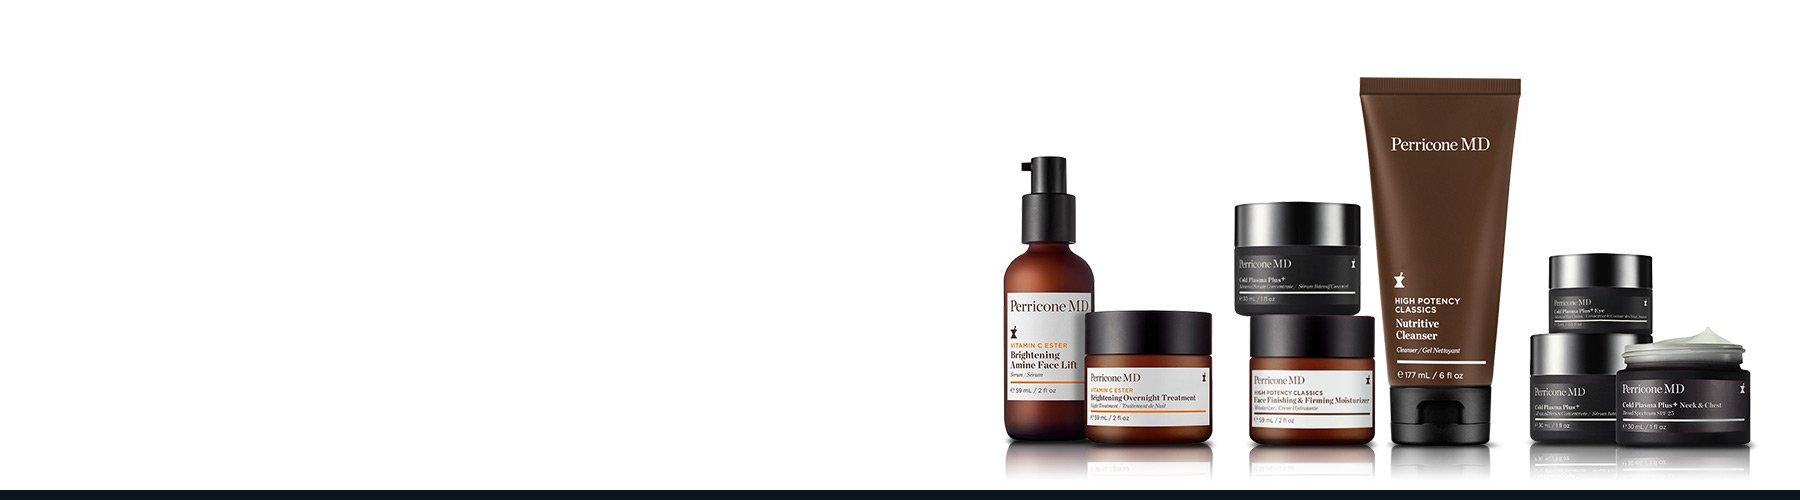 Skincare Perricone MD